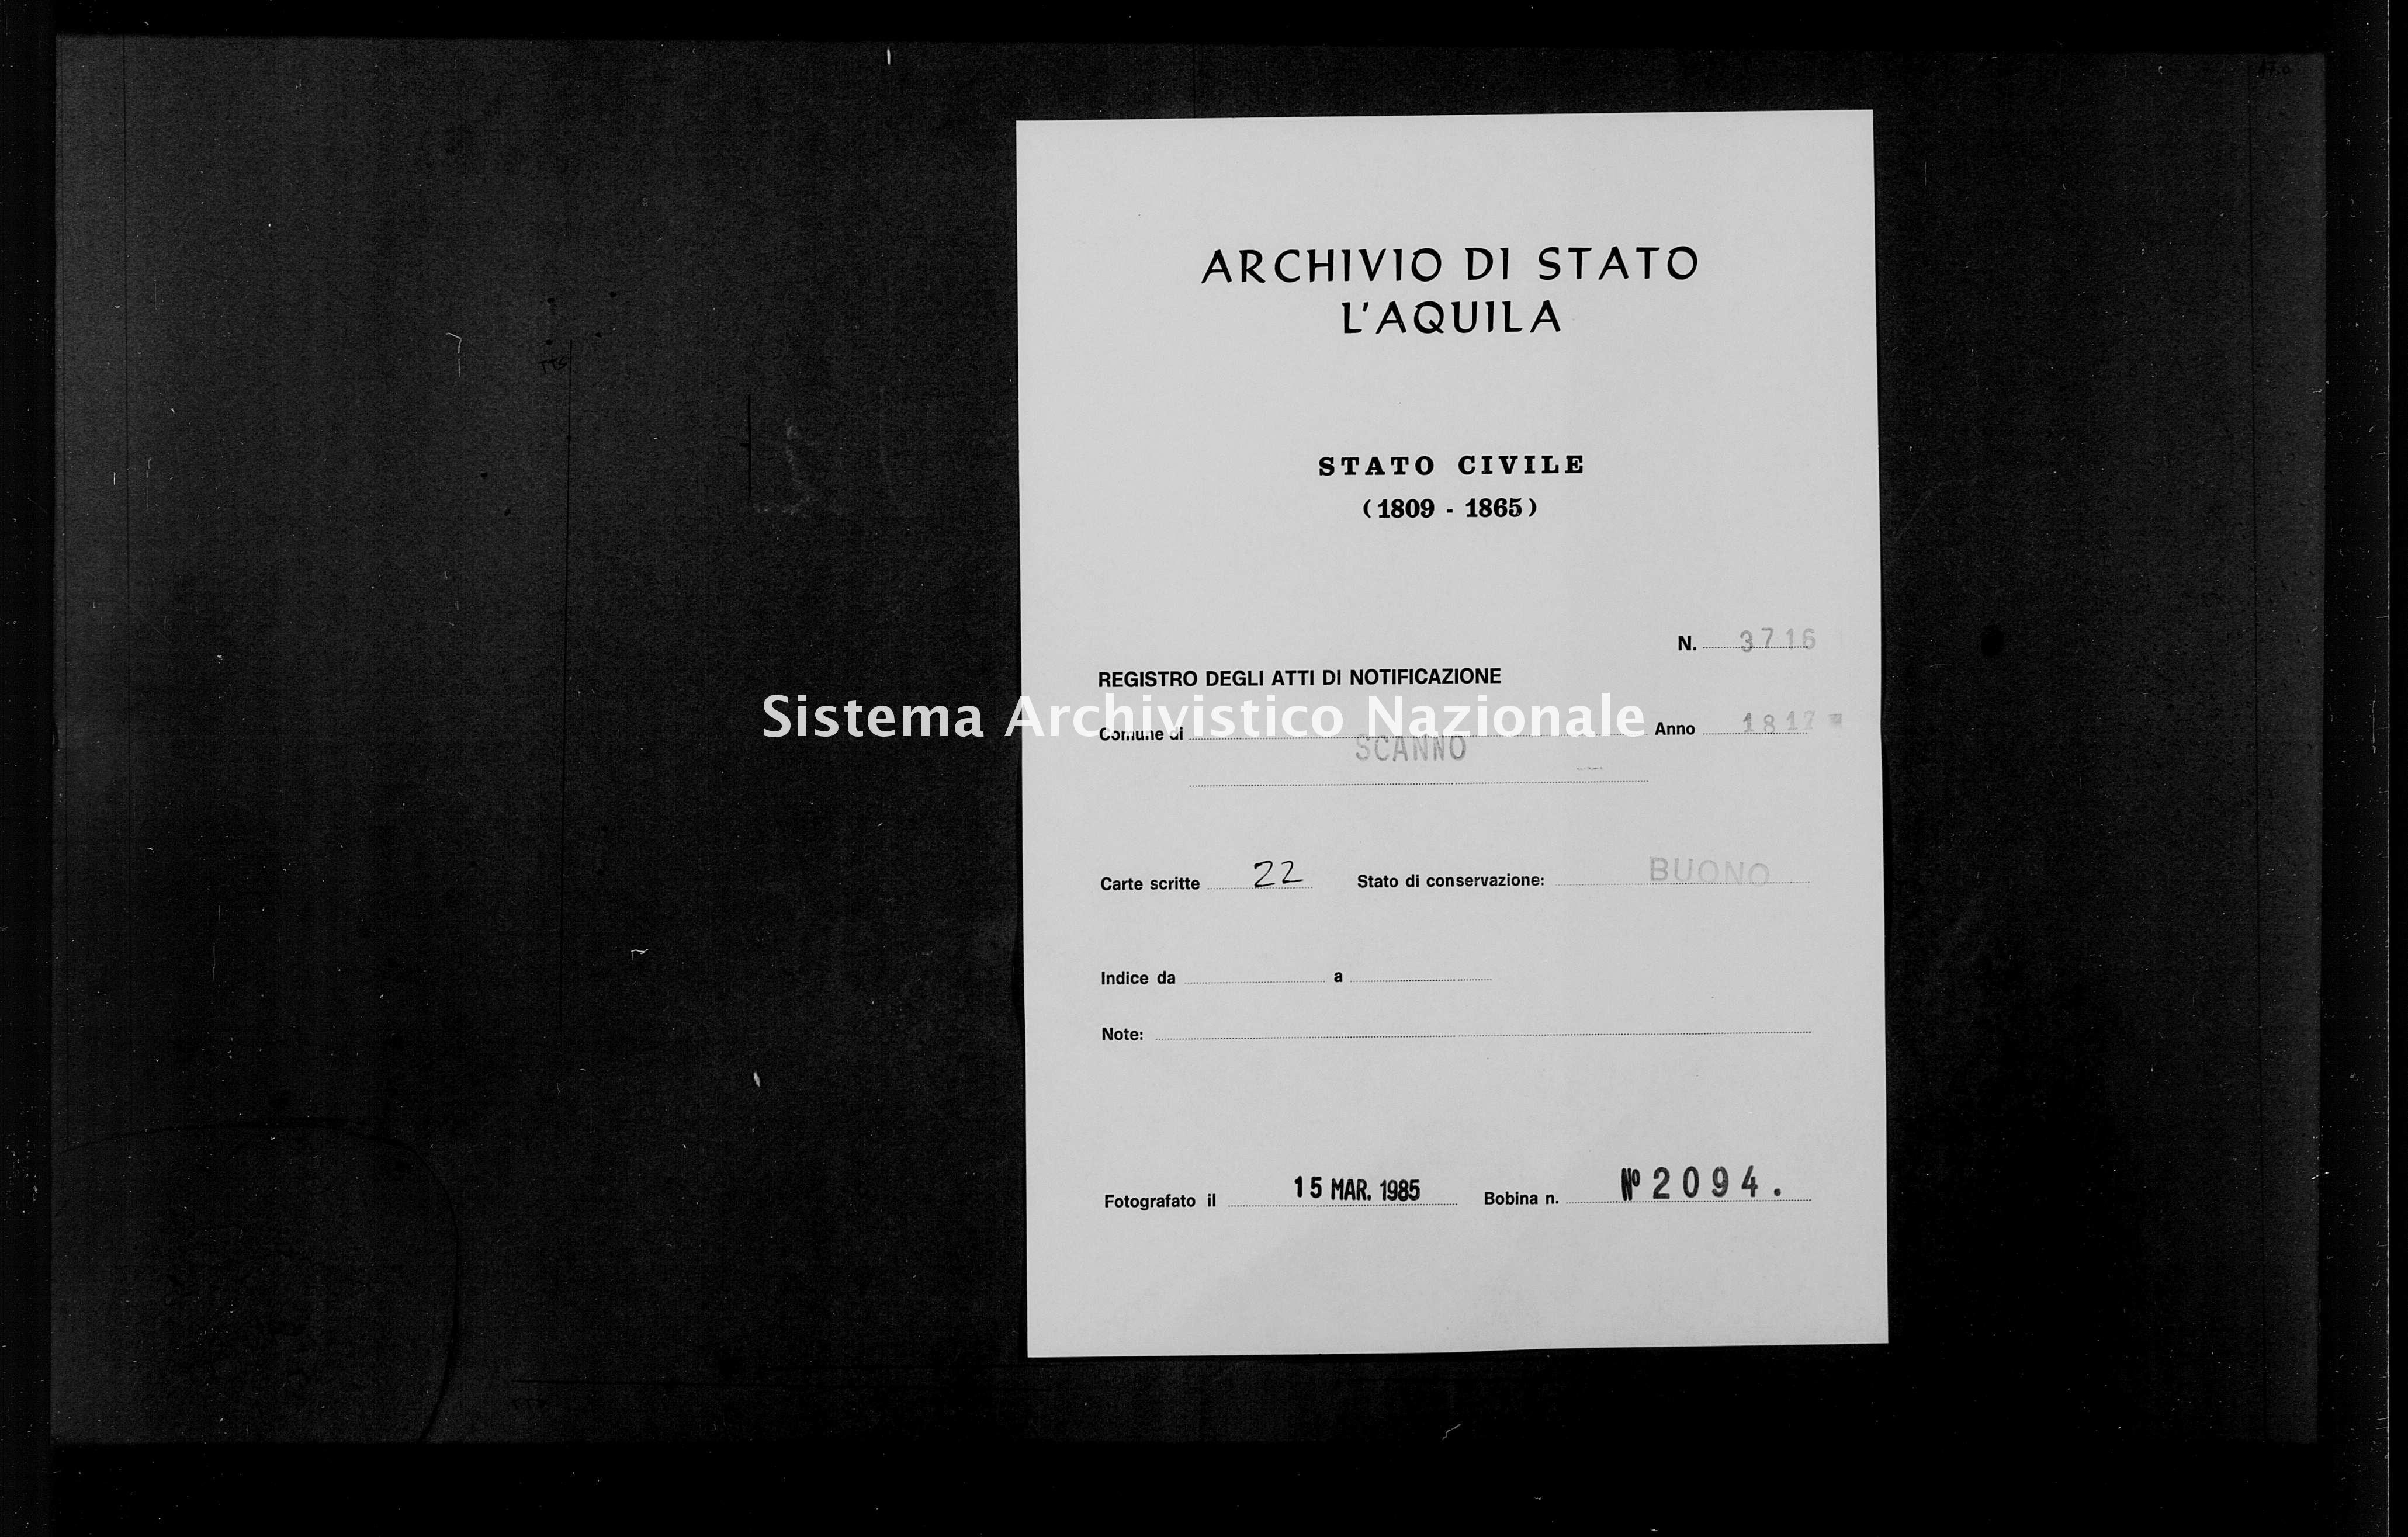 Archivio di stato di L'aquila - Stato civile della restaurazione - Scanno - Matrimoni, pubblicazioni - 1817 - 3716 -